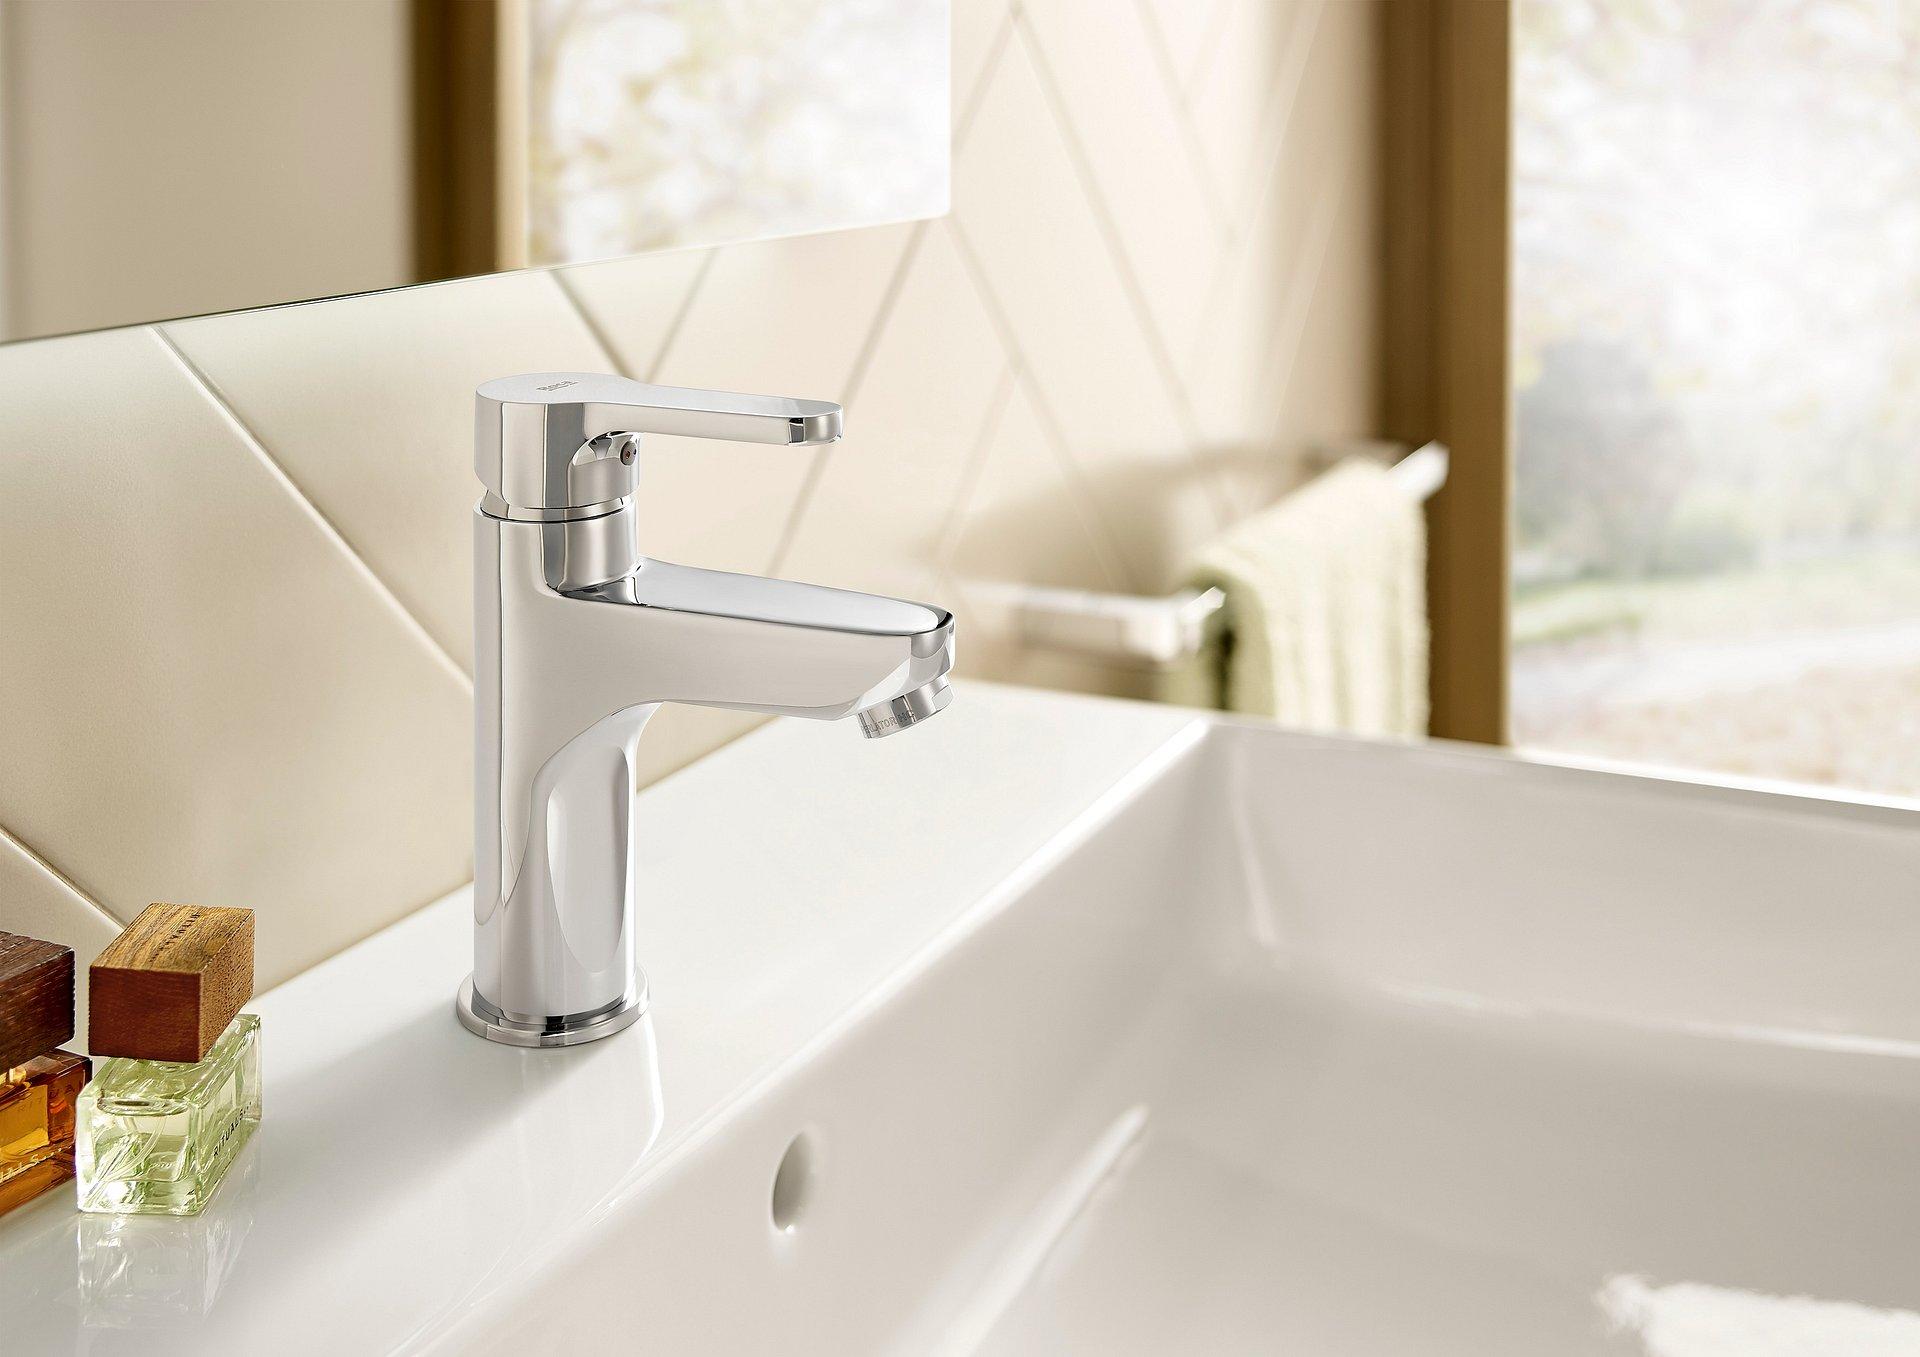 W łazience liczy się detal - Arola Roca – ekonomia i ekologia w jednym.